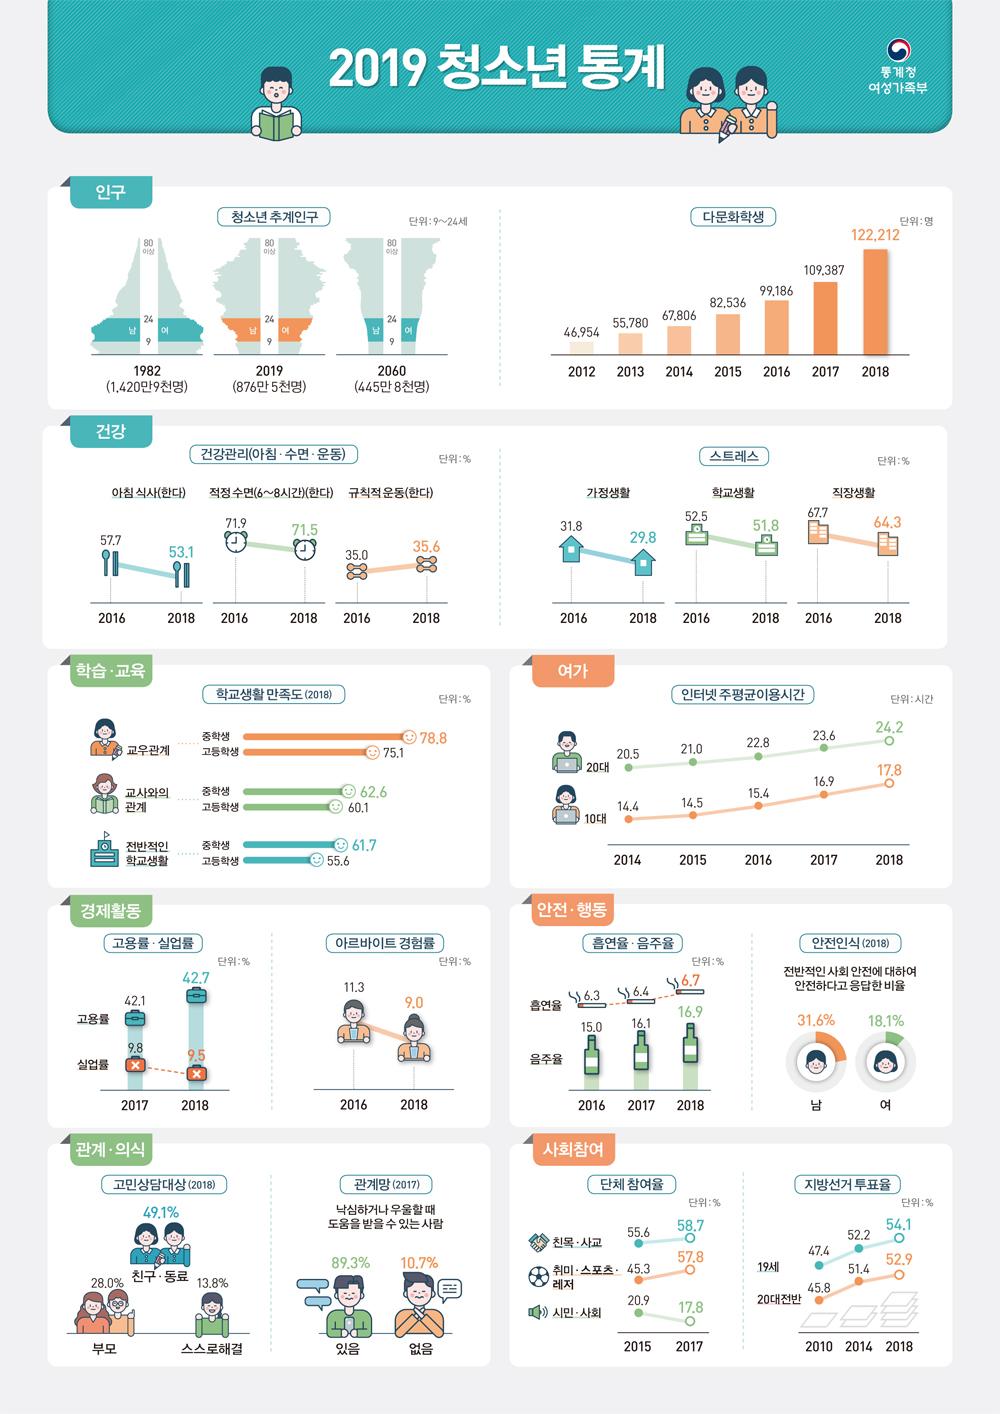 2019 청소년 통계 인포그래픽입니다. 자세한 내용은 아래 게시글 및 첨부파일 참고바랍니다.